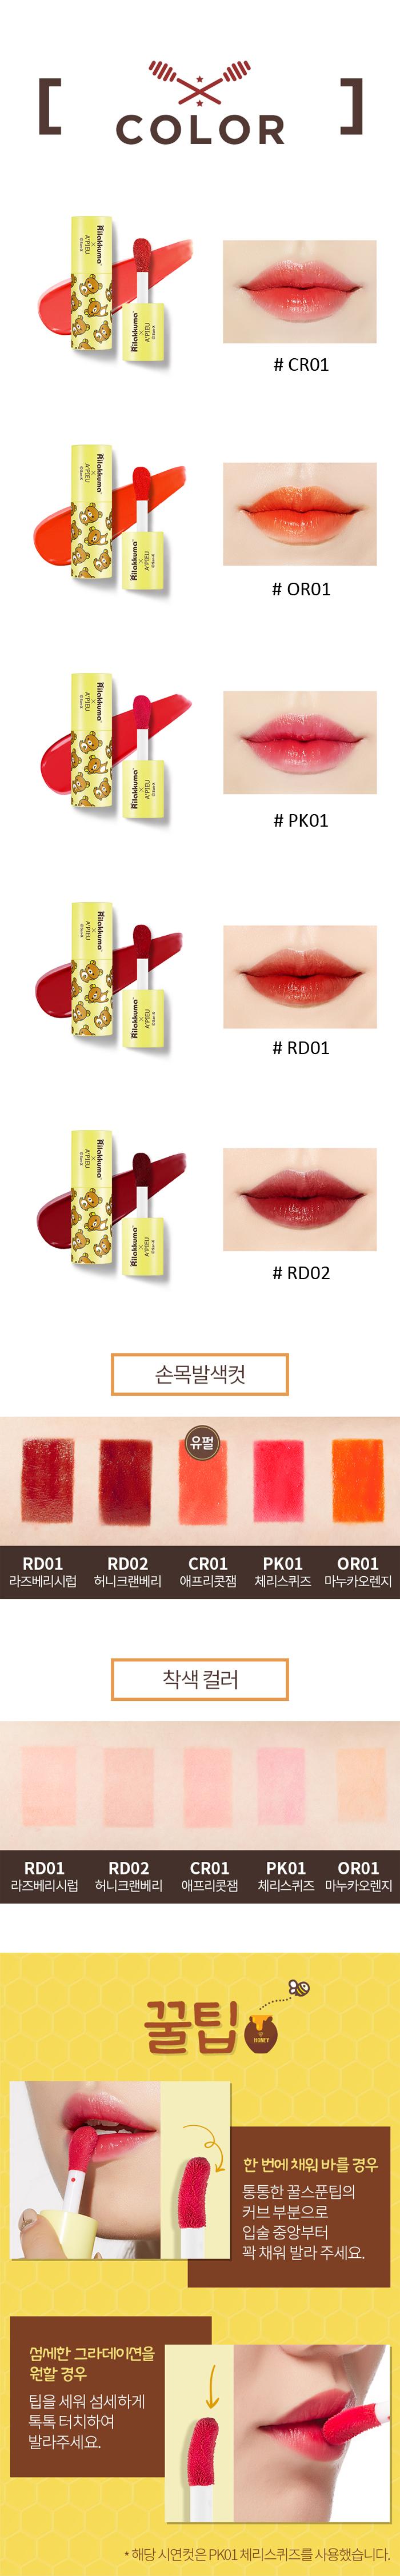 a-pieu-rilakkuma-honey-glow-serum-tint-4g-1.jpg